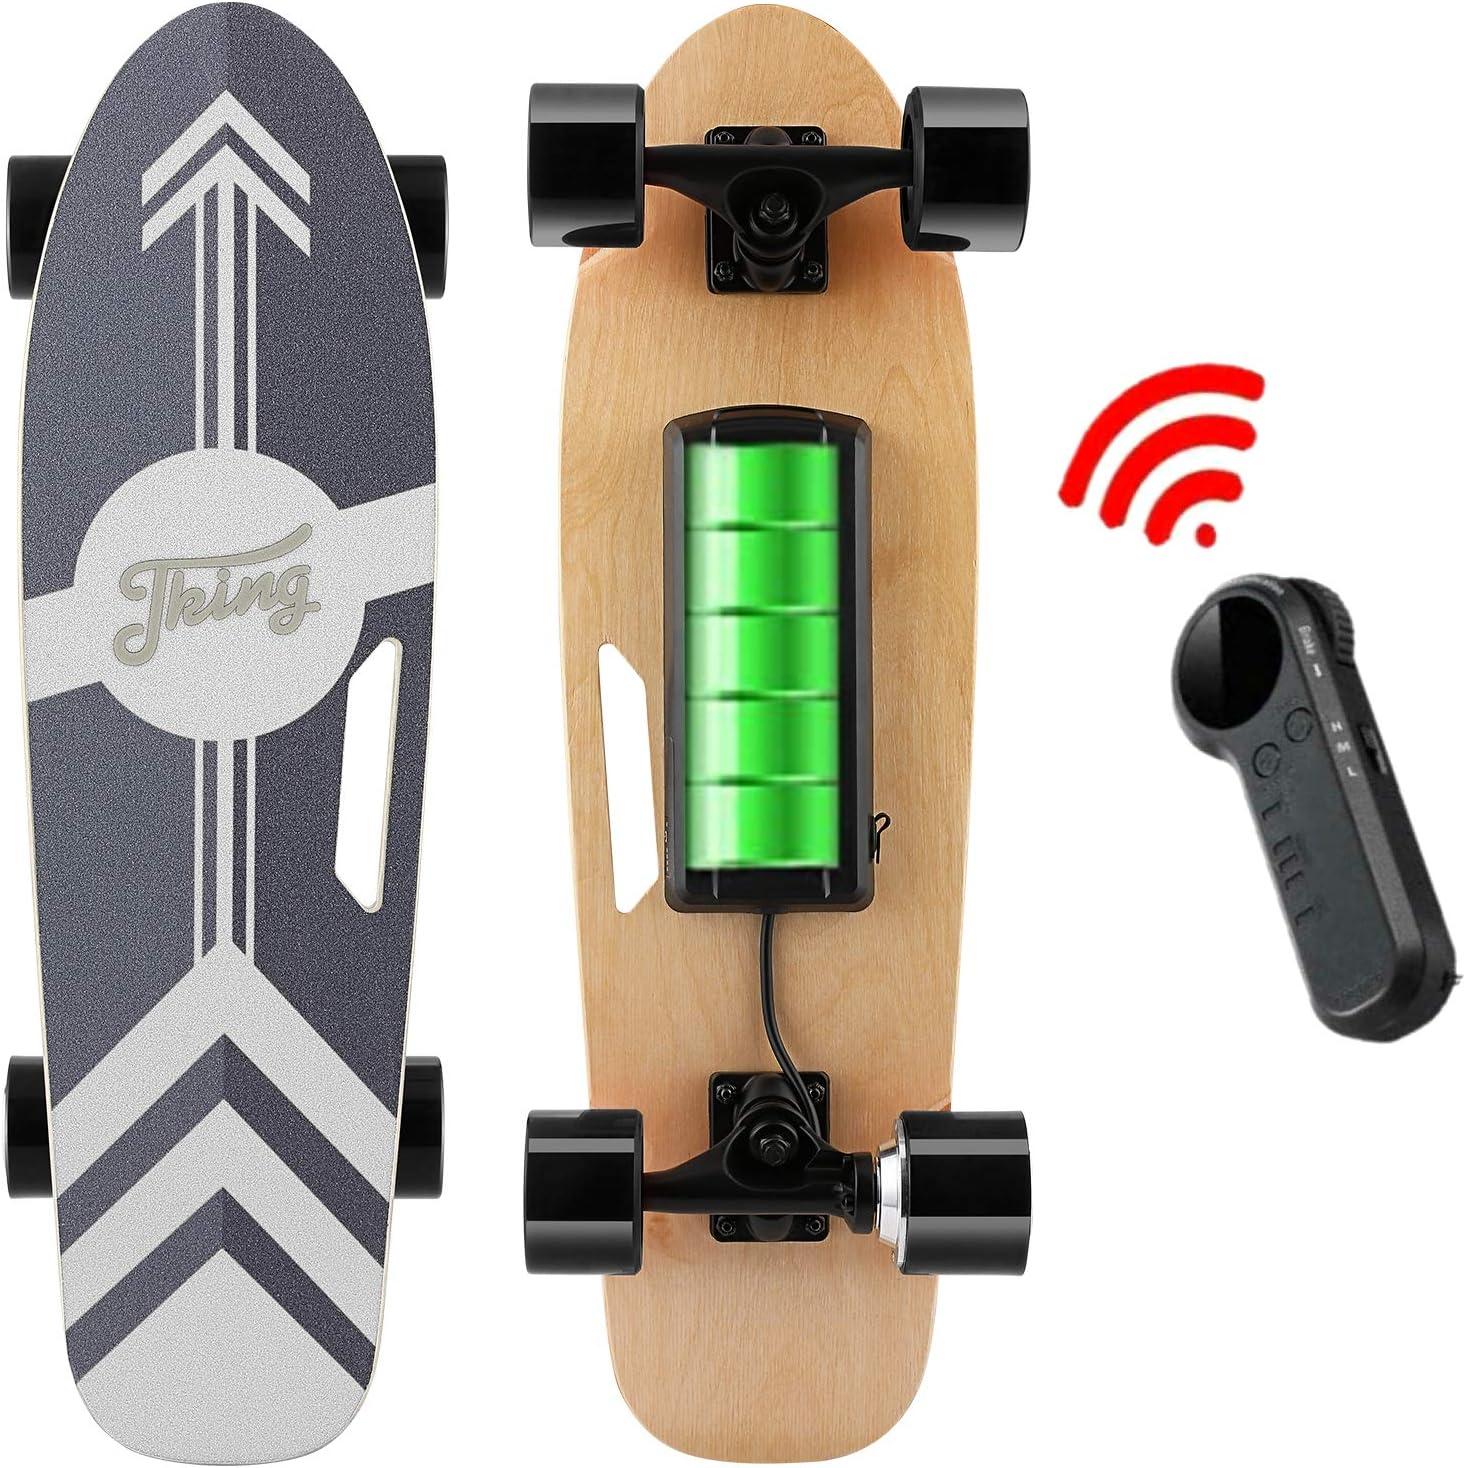 Moteur Singal 350W Nesaila Skateboard /électrique 70 cm Longboard en /érable 7 Couches avec t/él/écommande sans Fil Skateboard pour Les Adolescents et Les Adultes,Vitesse Vaximale 20 km//h